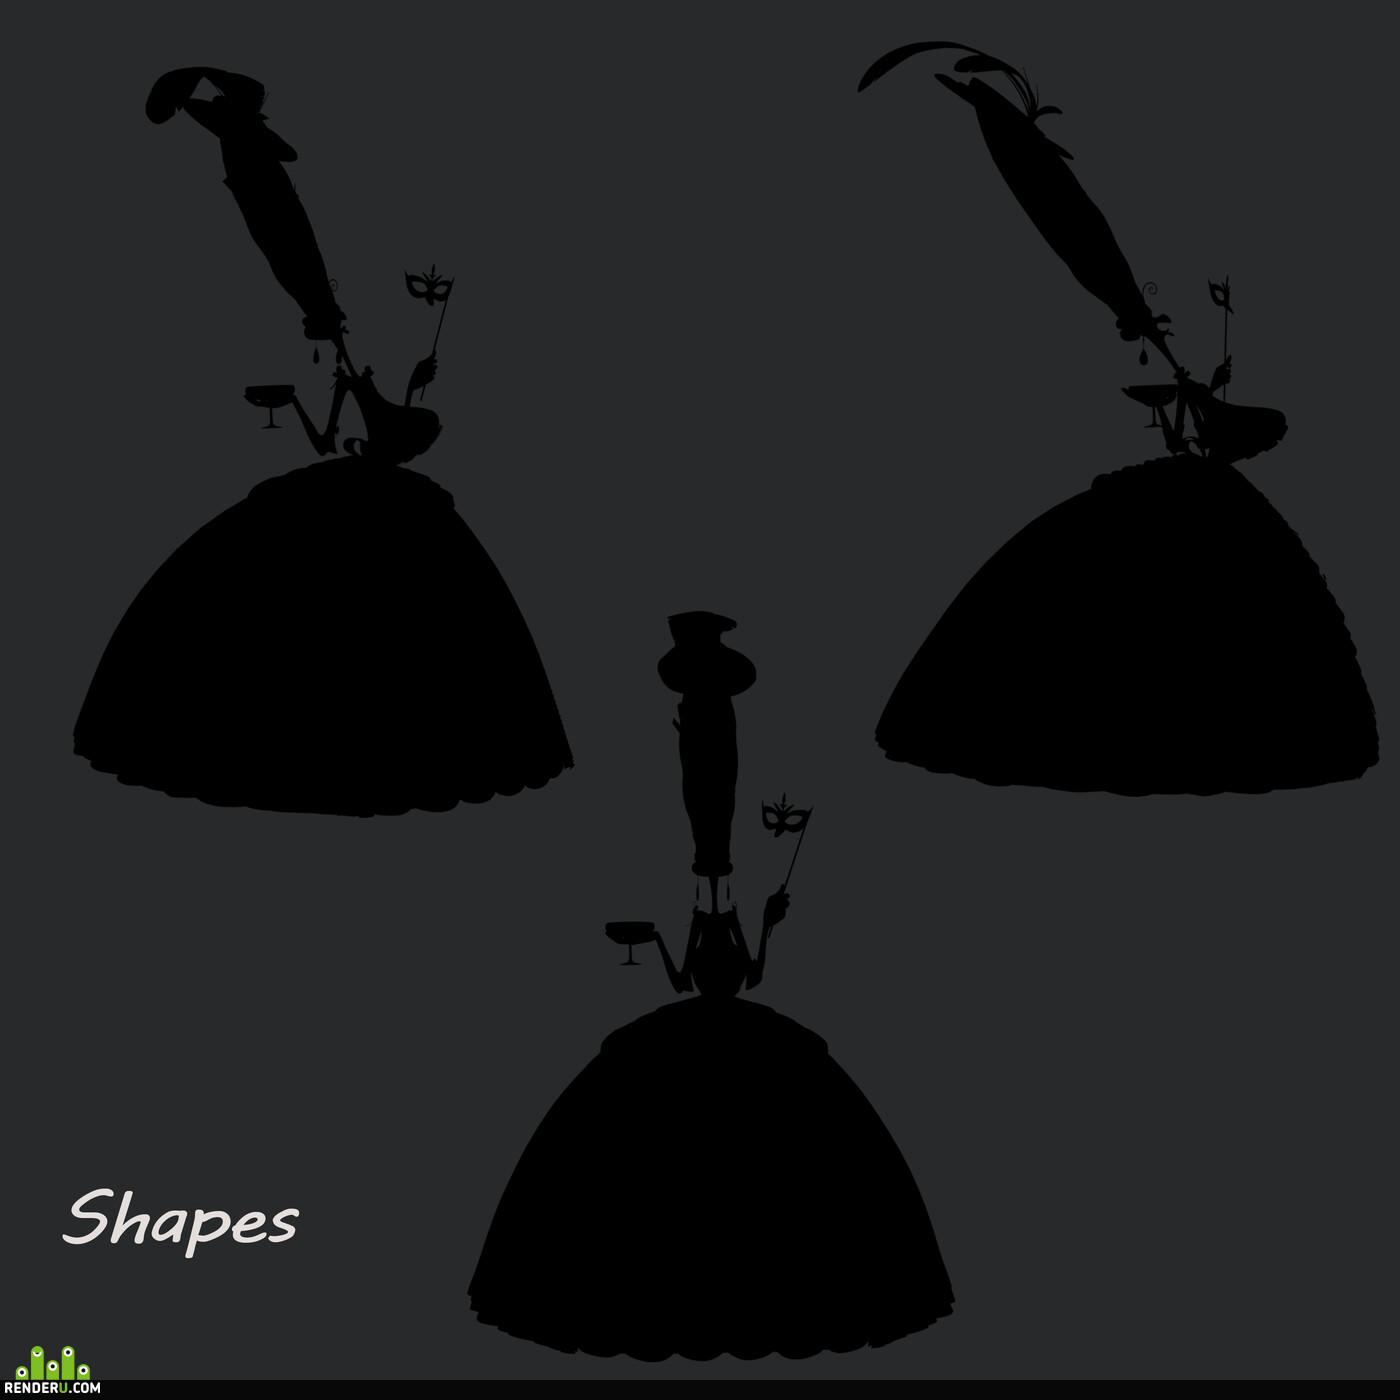 comicart, cartooncharacter, sculpting, design_character, 3d character